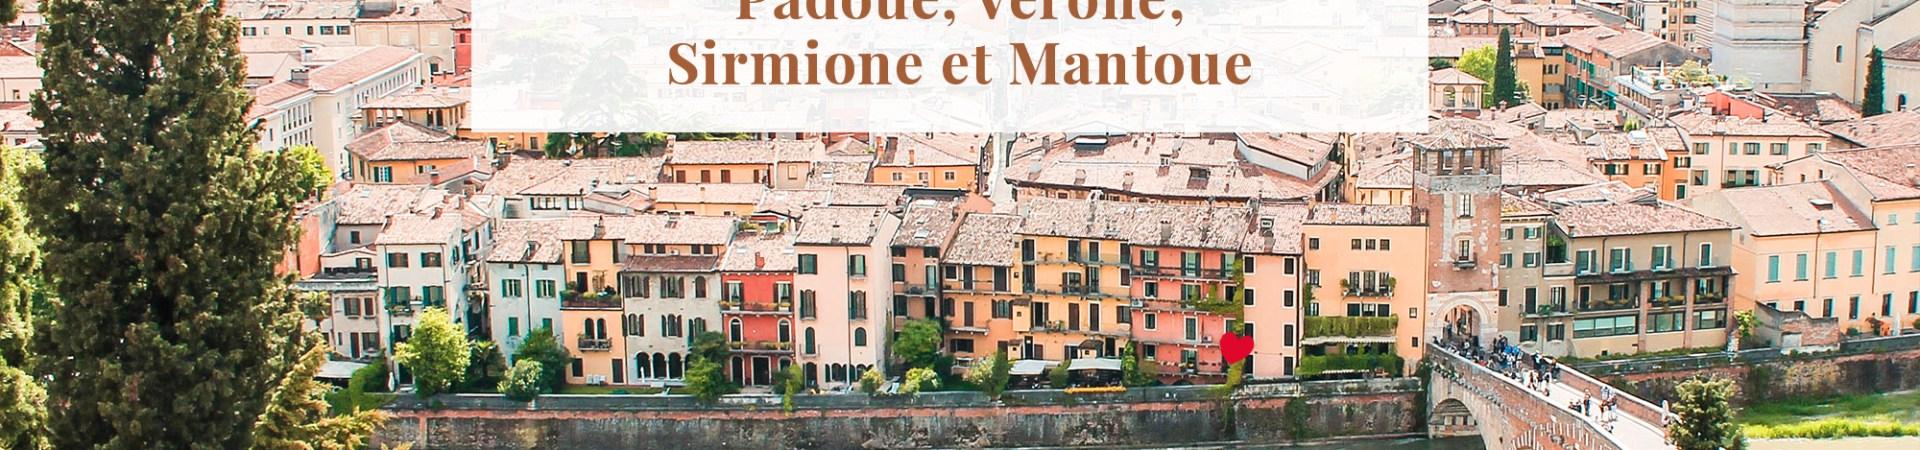 Road-trip-en-Italie-De-Padoue-Verone-Lac-de-Garde-Drawingsandthings